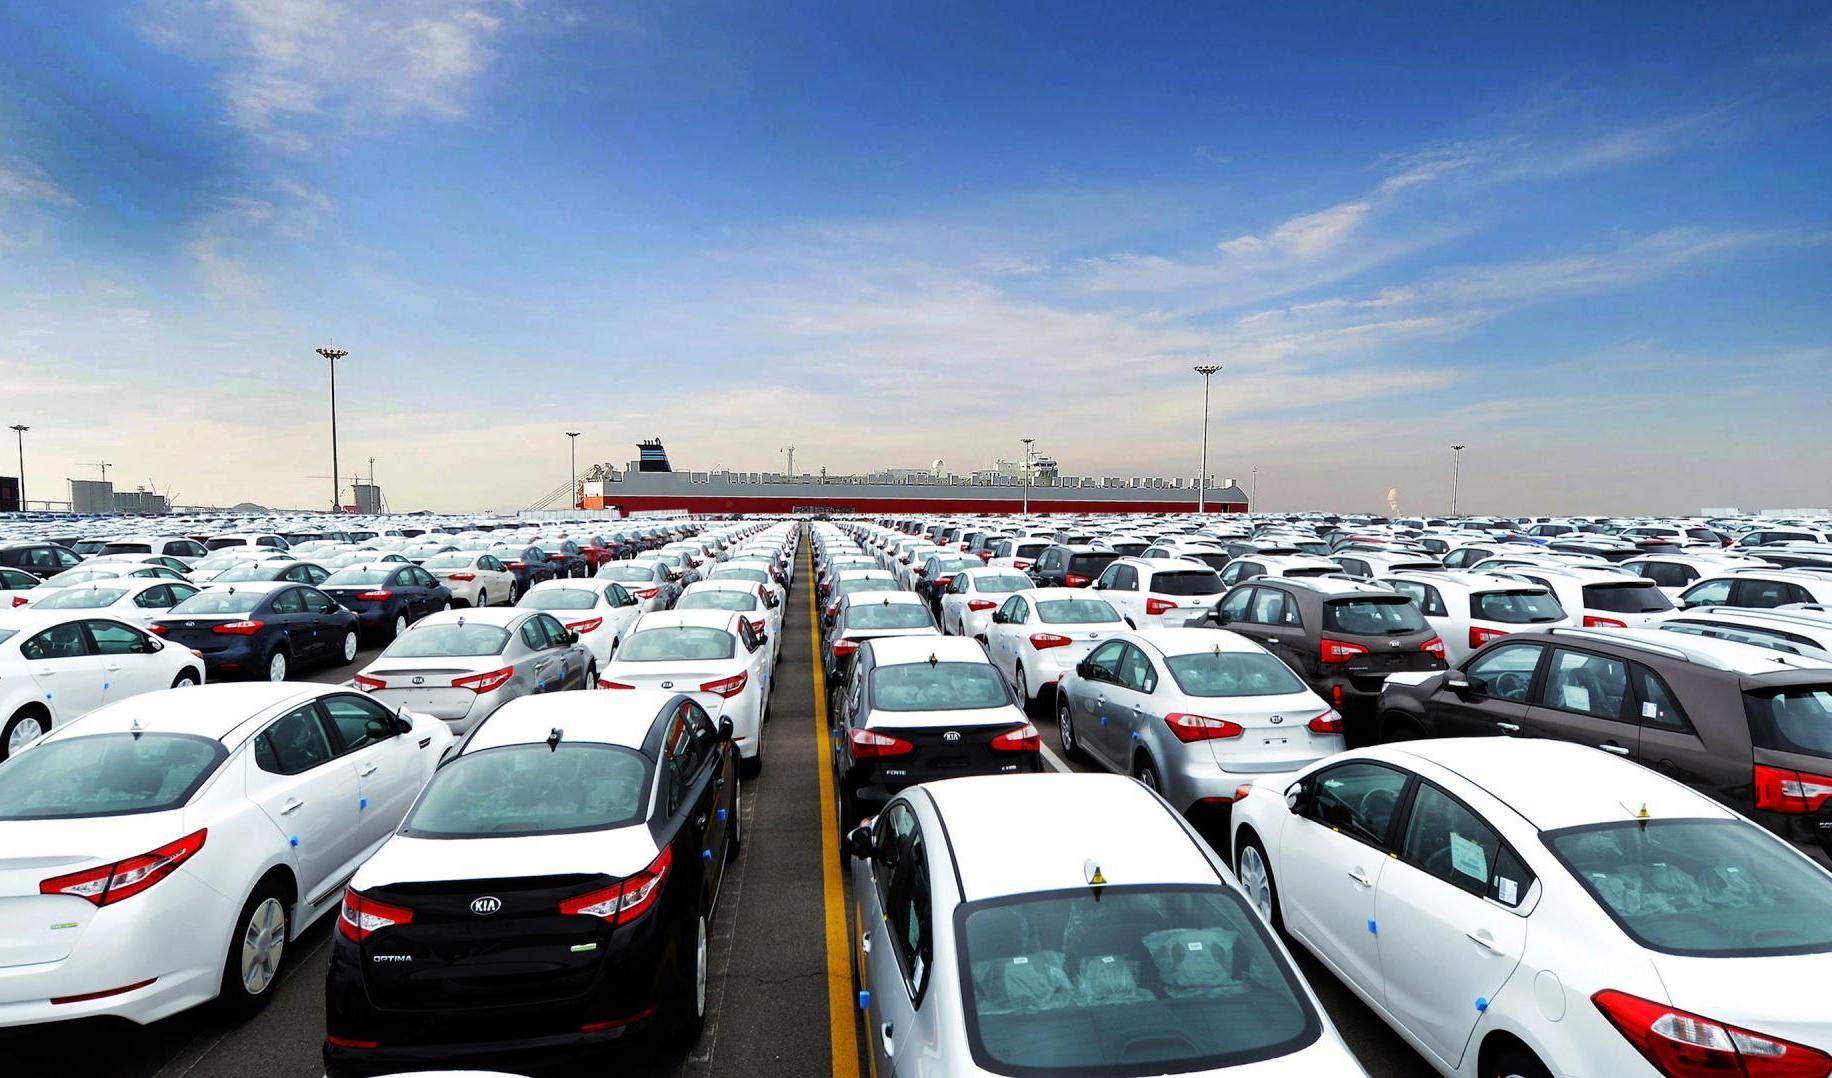 نرخ دلار، قیمت خودروهای وارداتی را بالا کشید